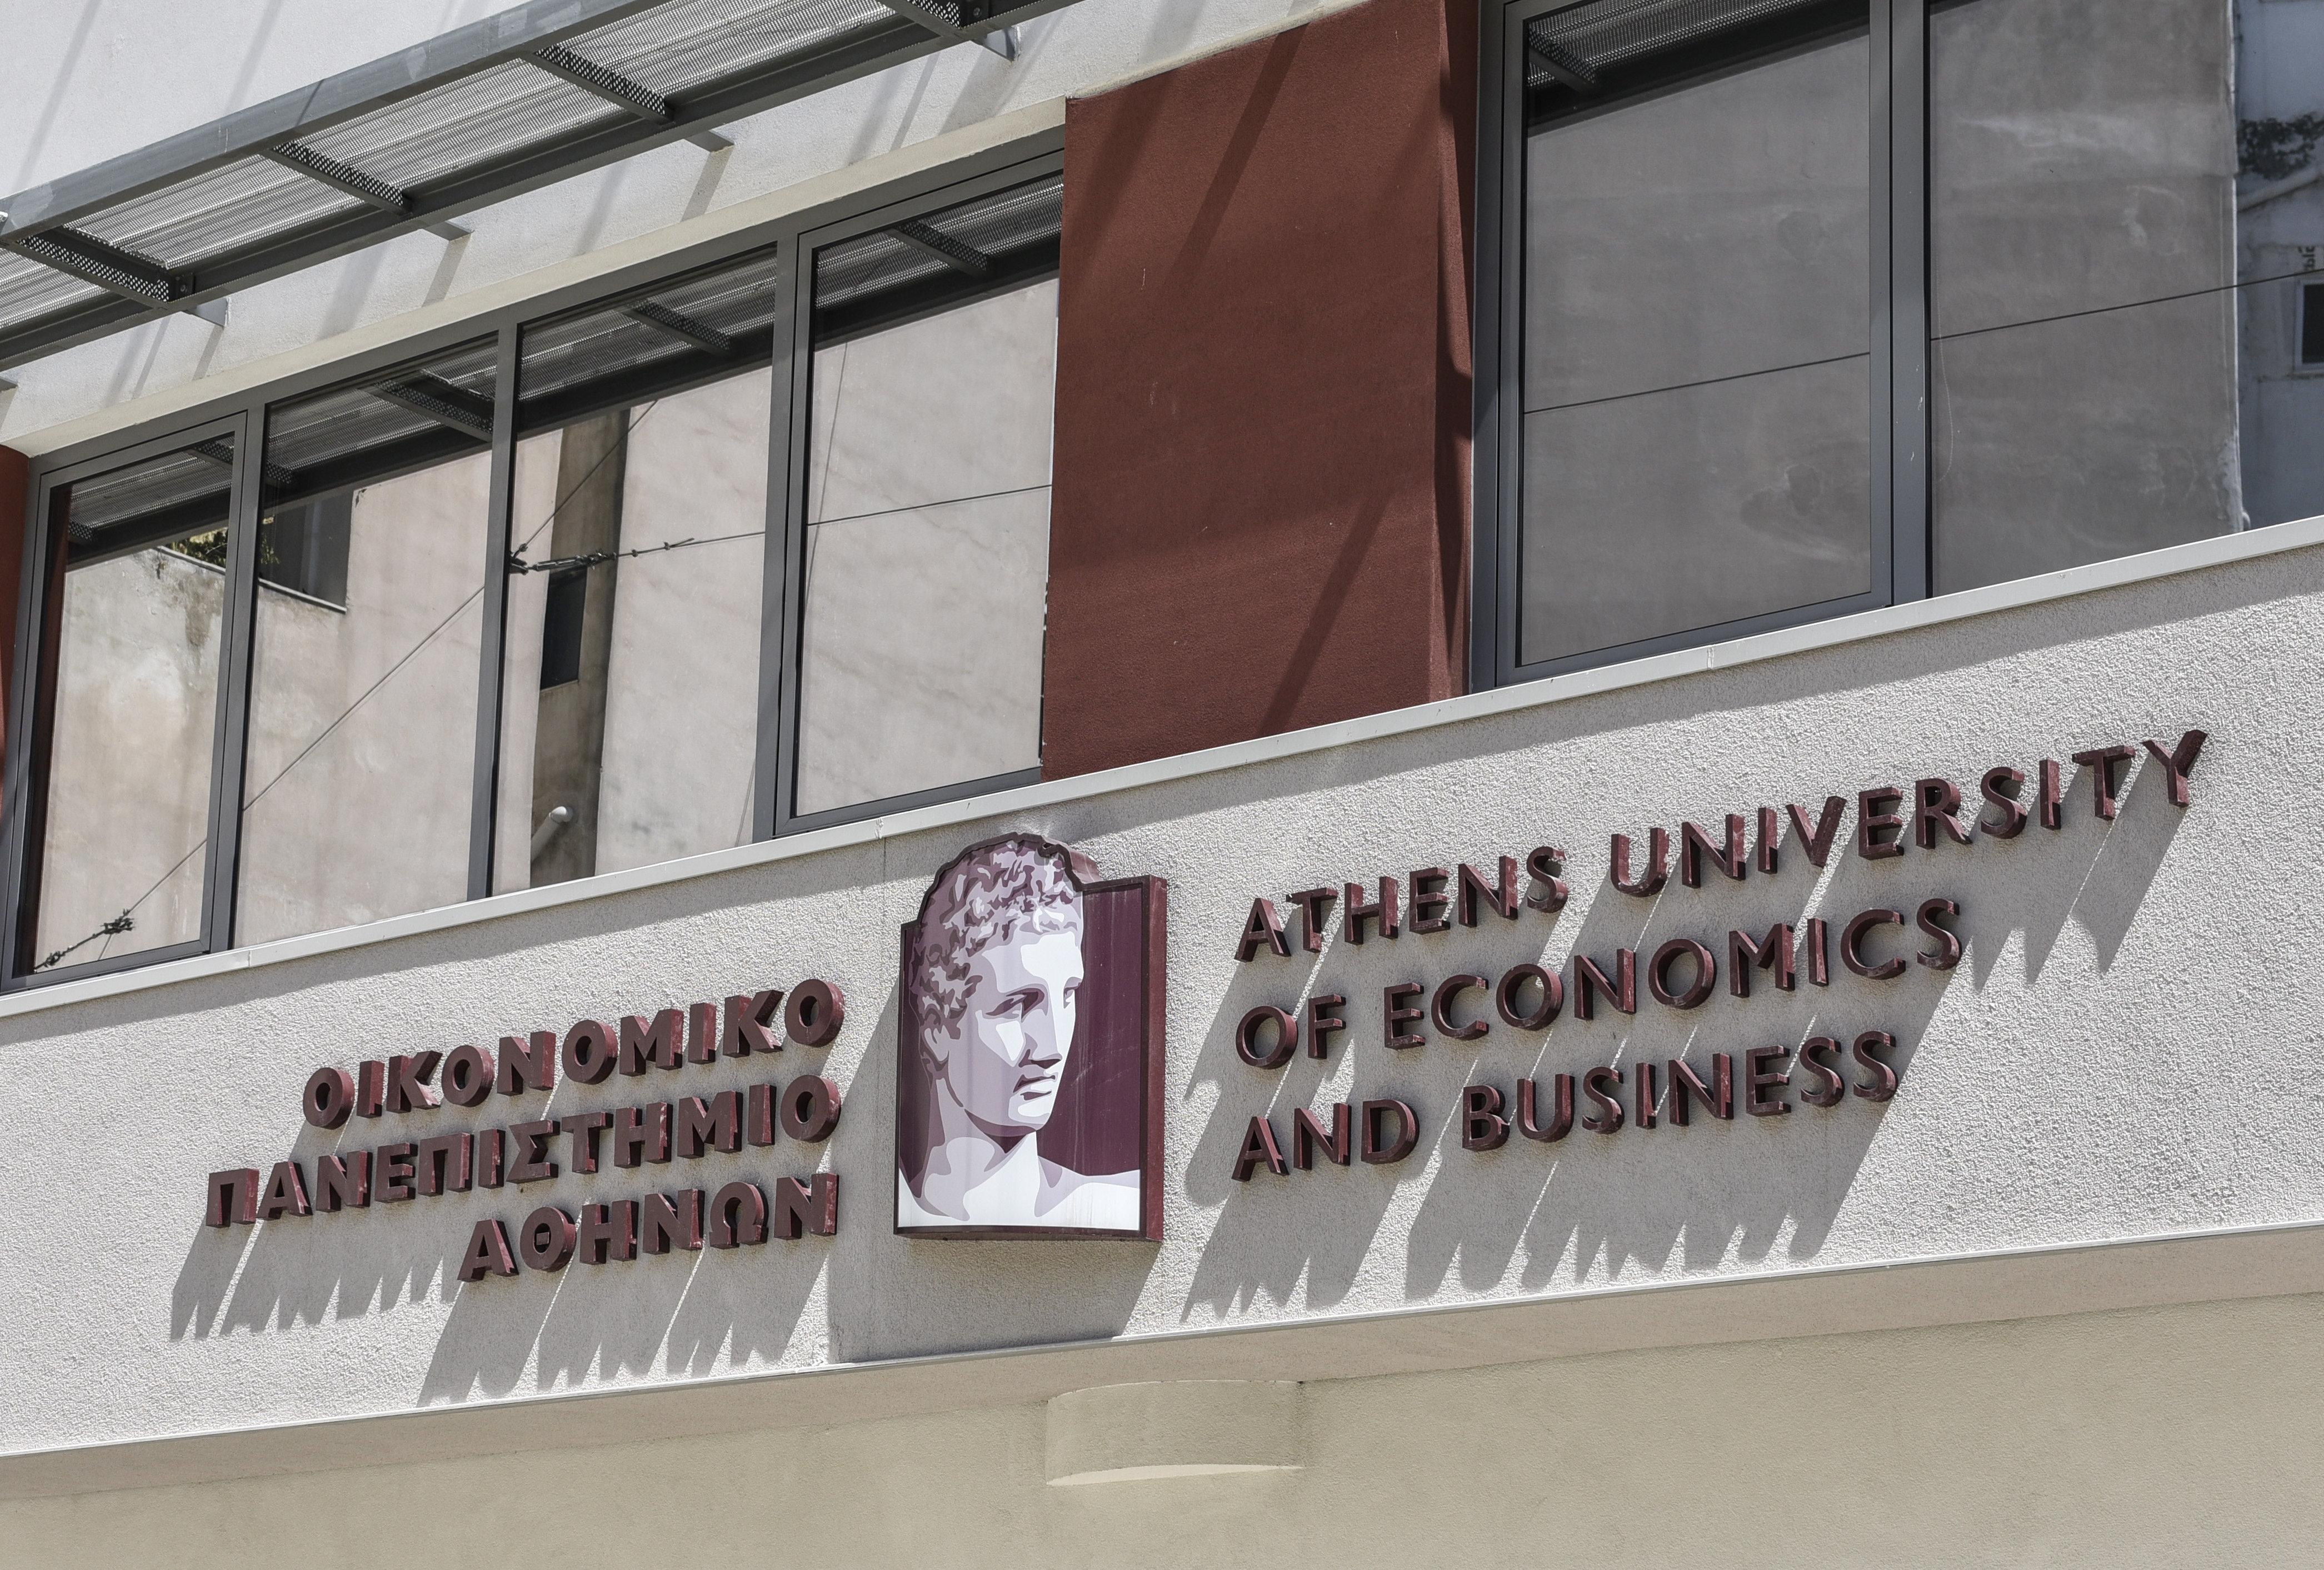 Στα 15 καλύτερα μεταπτυχιακά της Ευρώπης ένα από τα προγράμματα του Οικονομικού Πανεπιστημίου